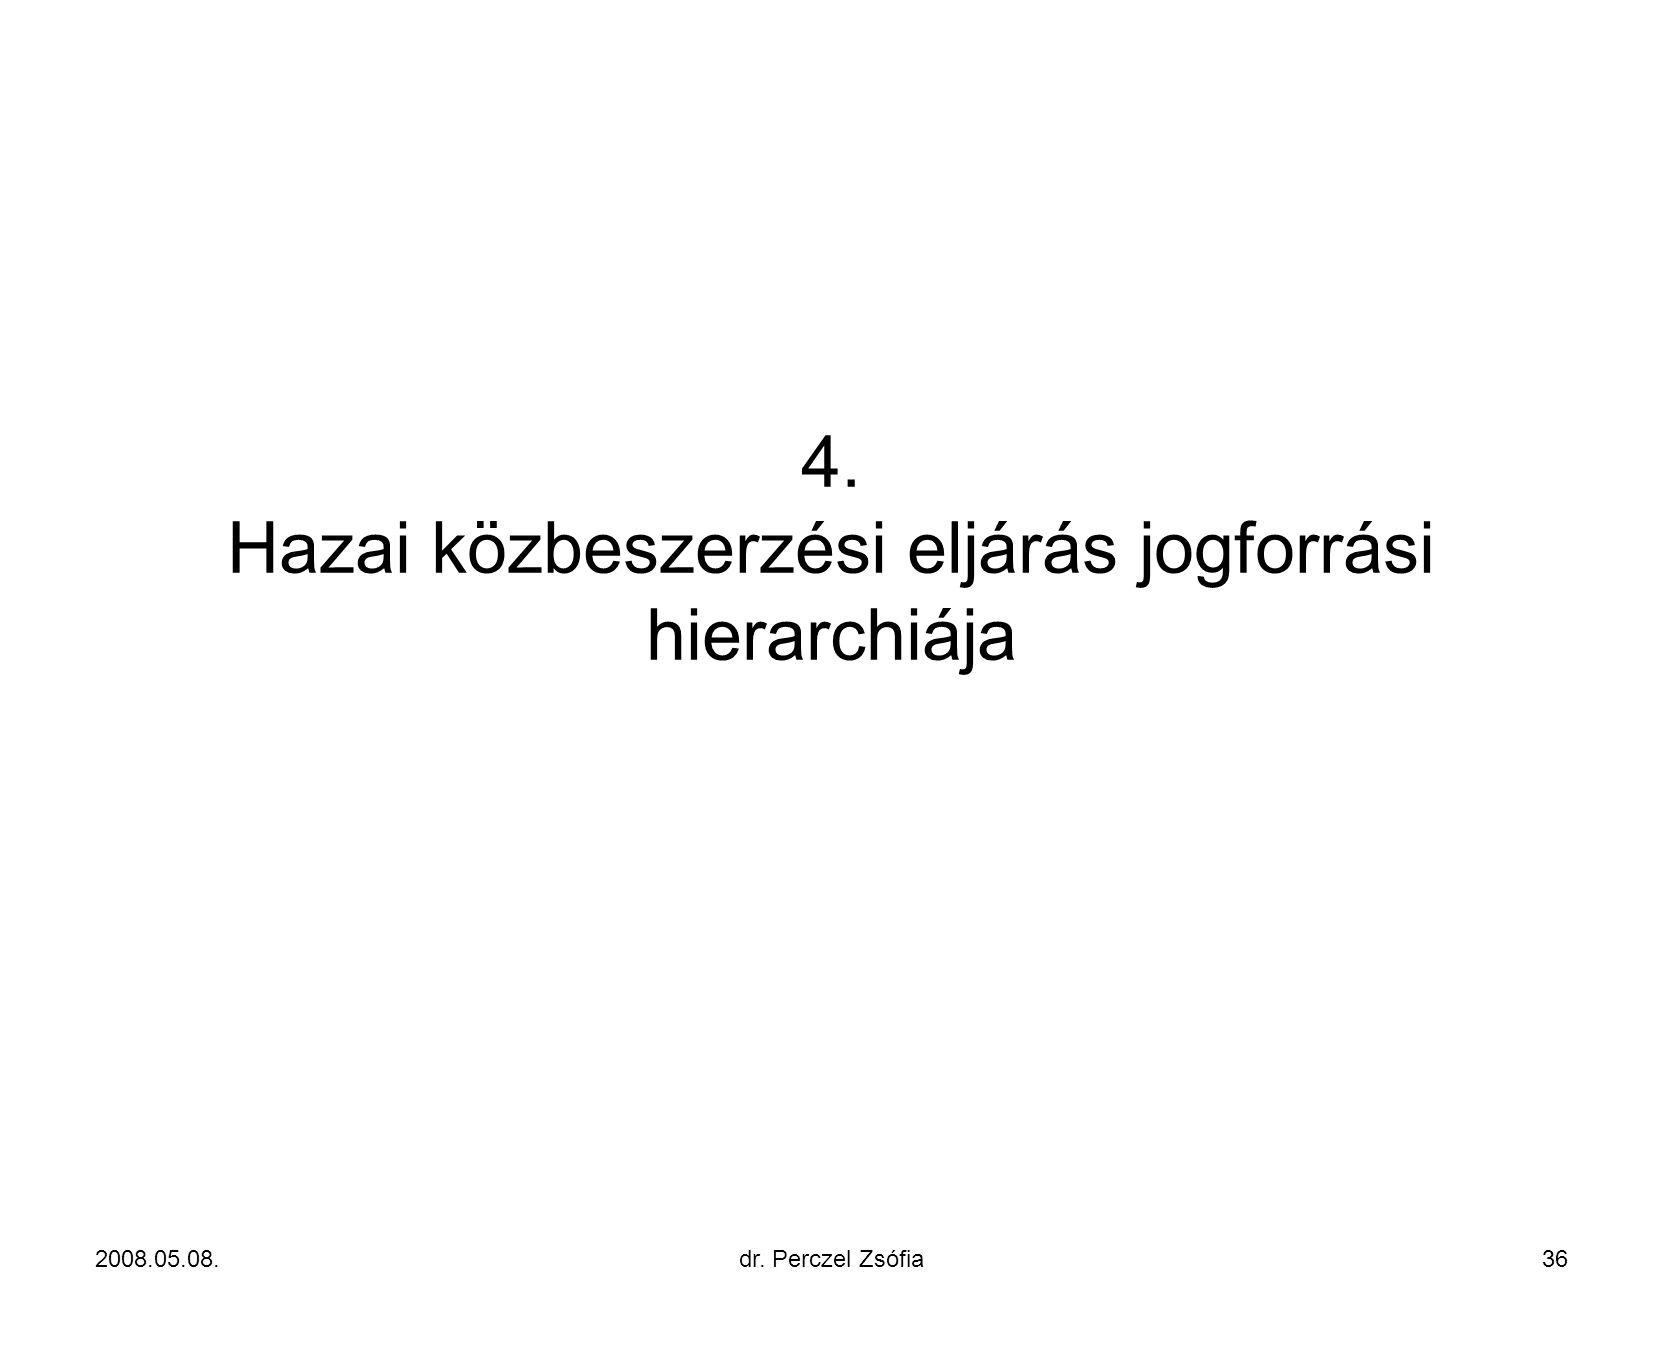 4. Hazai közbeszerzési eljárás jogforrási hierarchiája